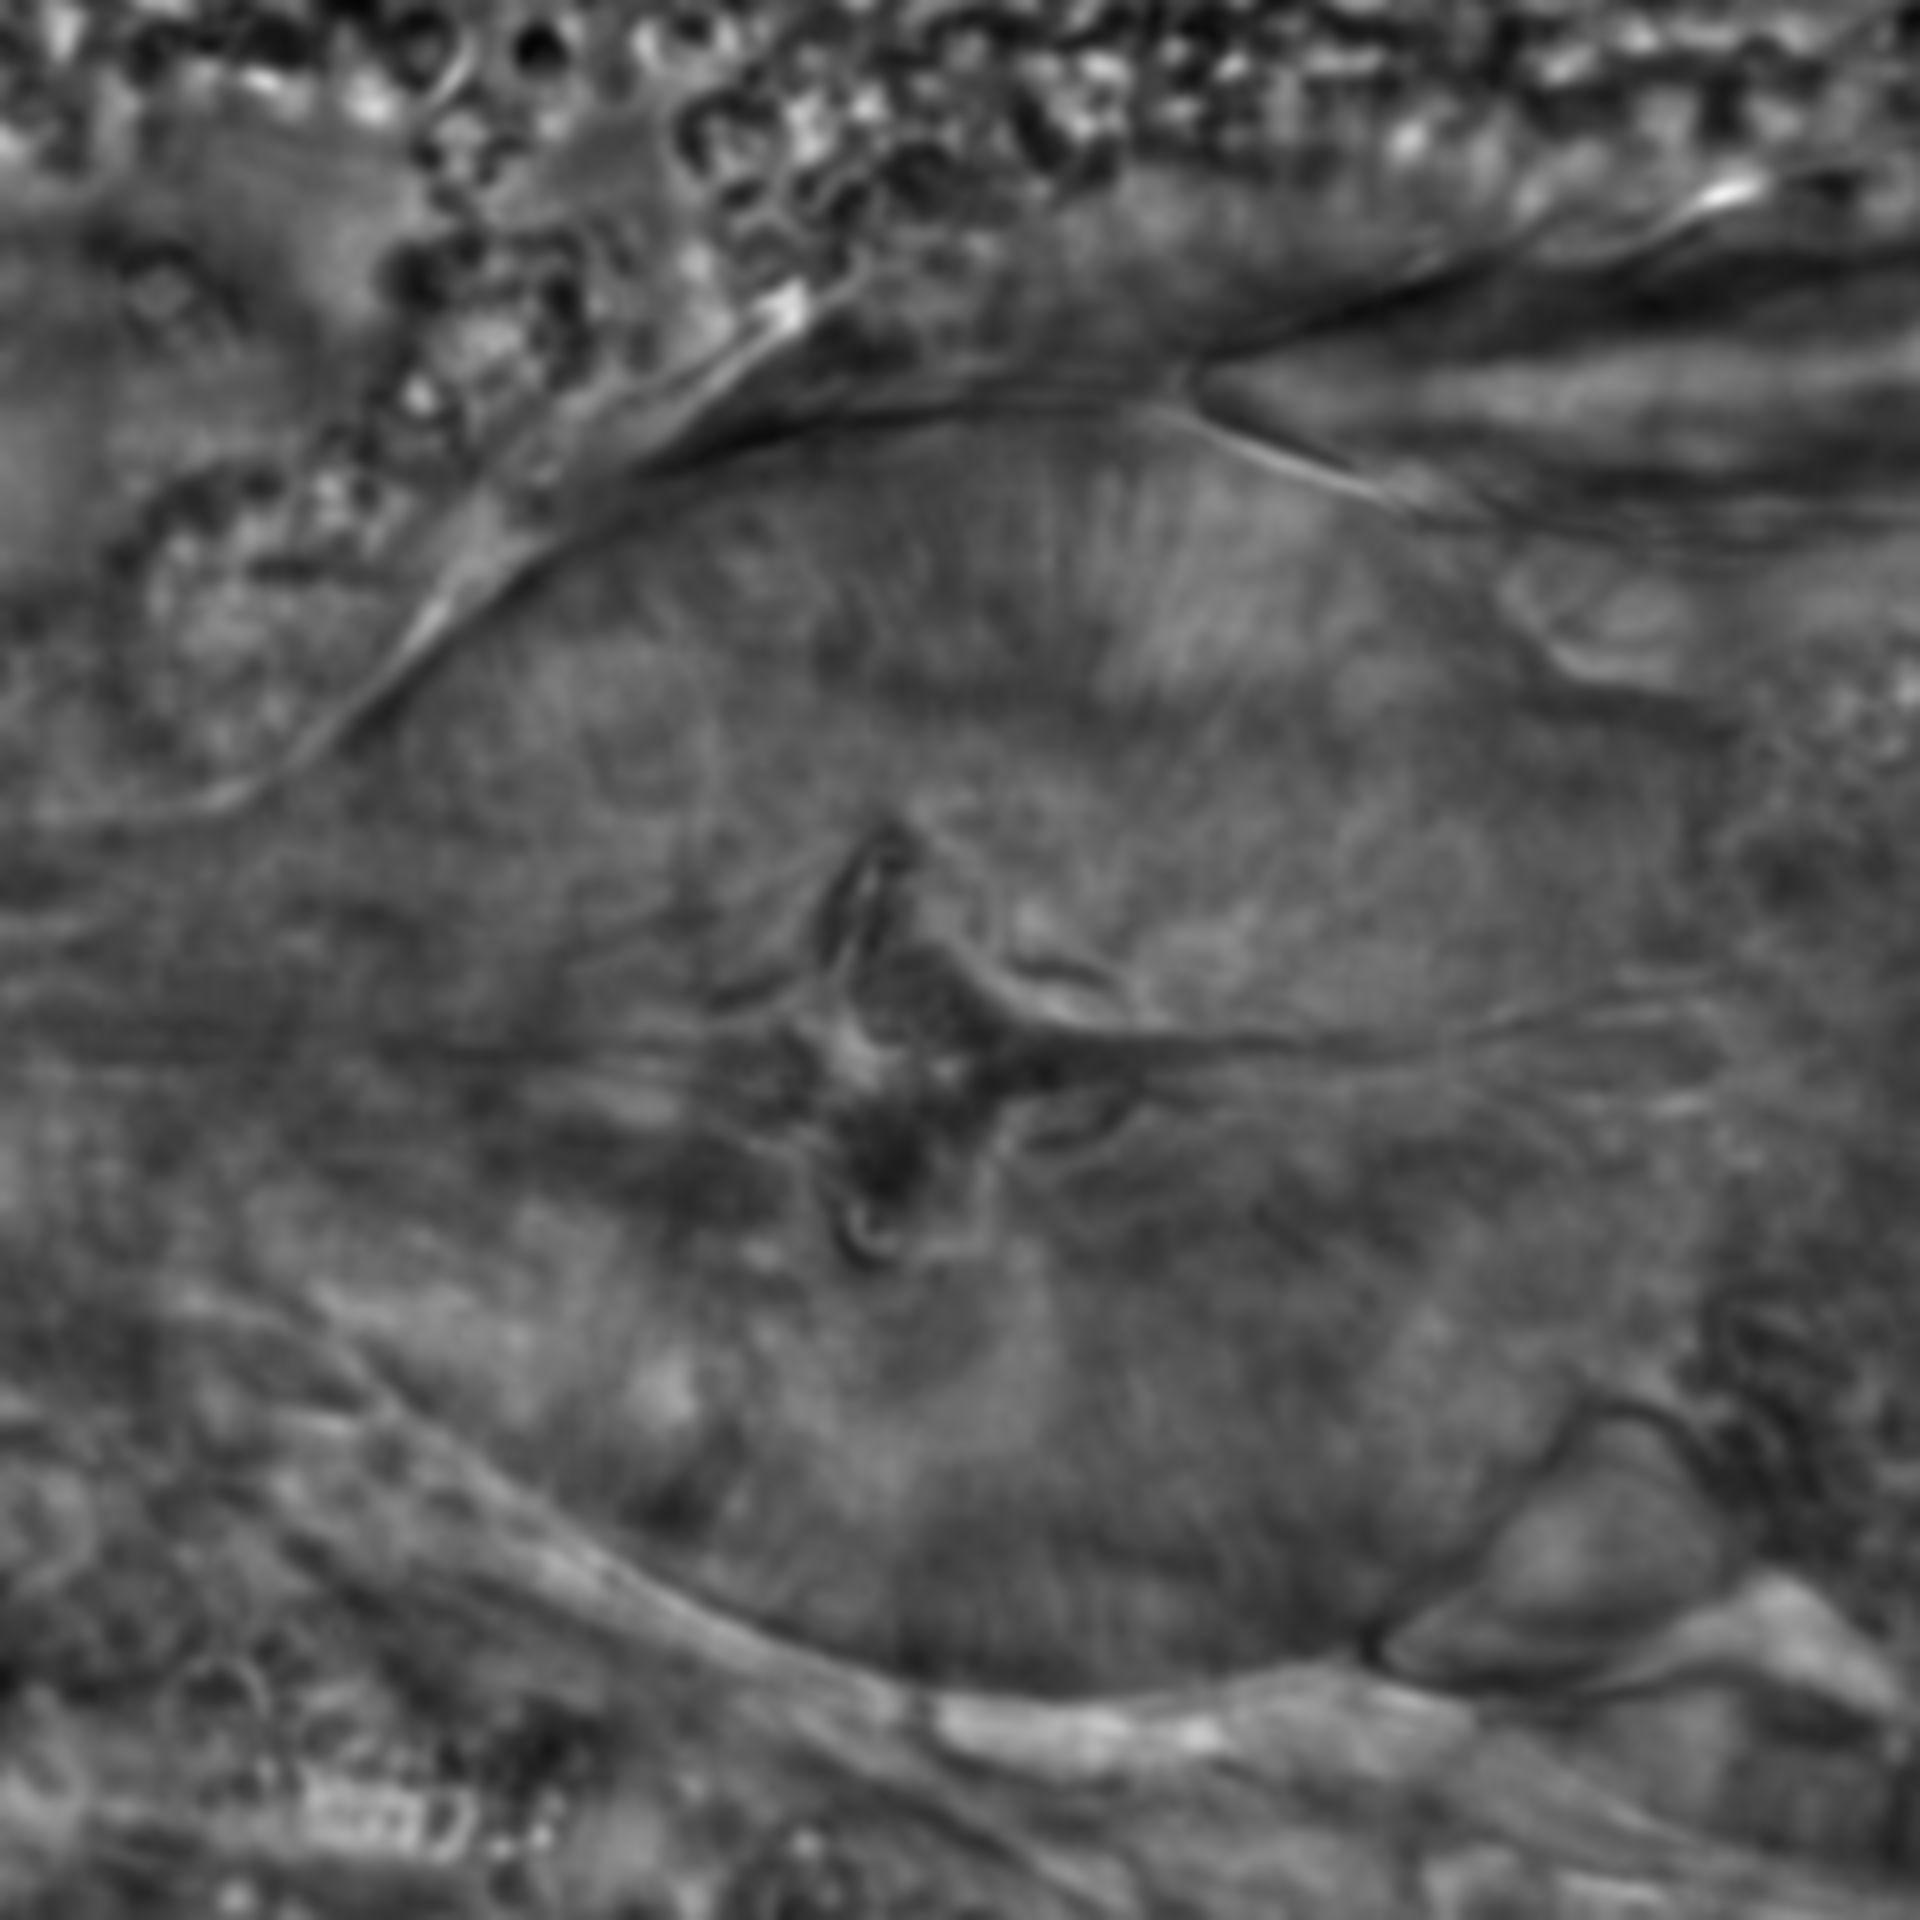 Caenorhabditis elegans - CIL:2286